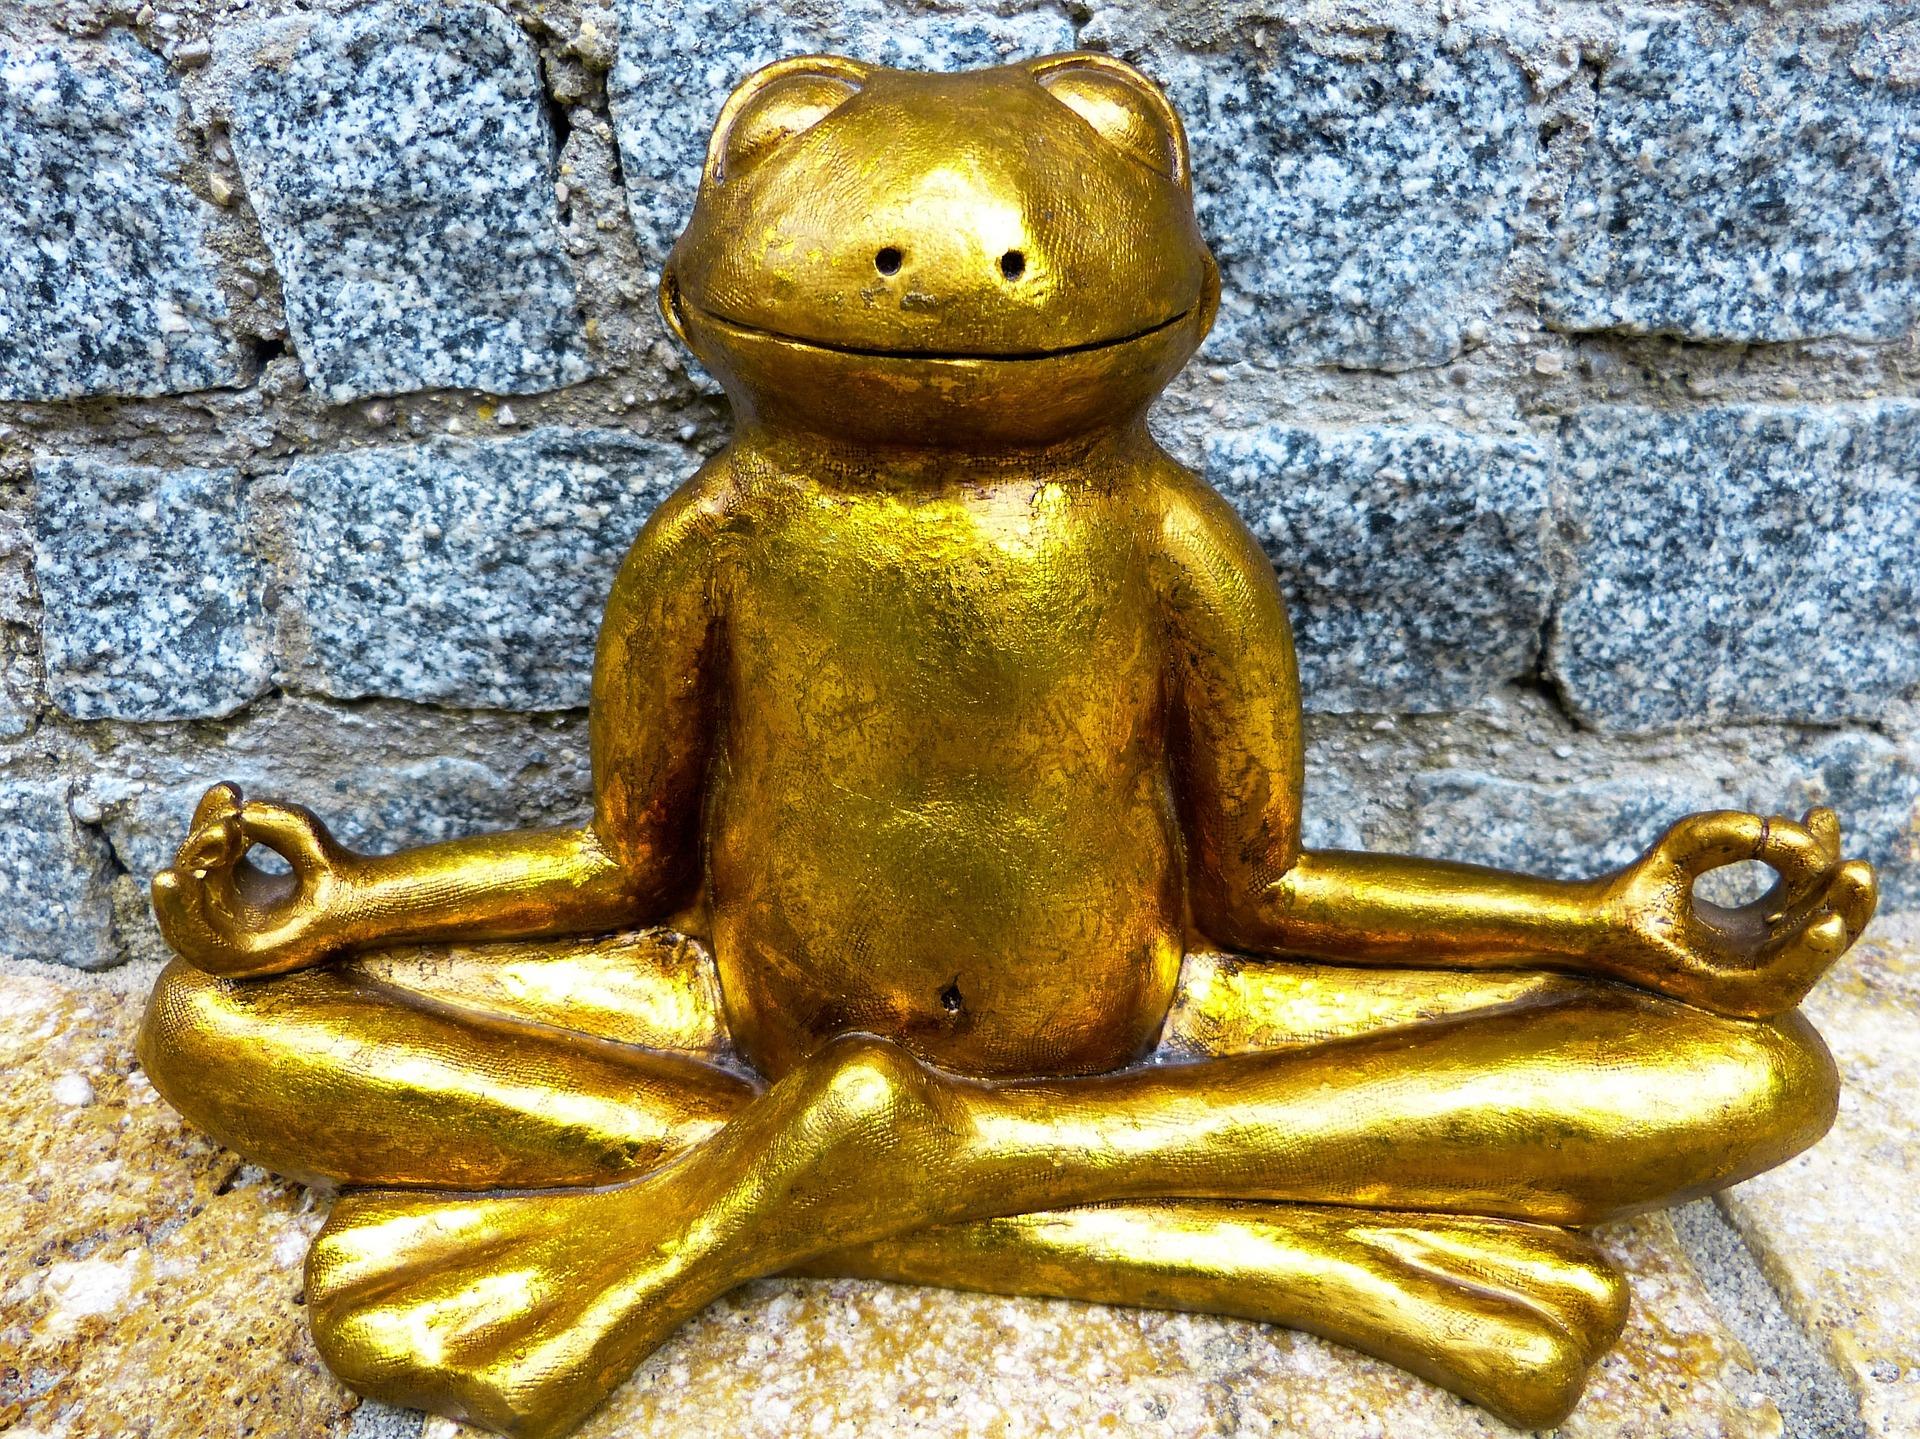 Goldener Frosch der Yoga macht